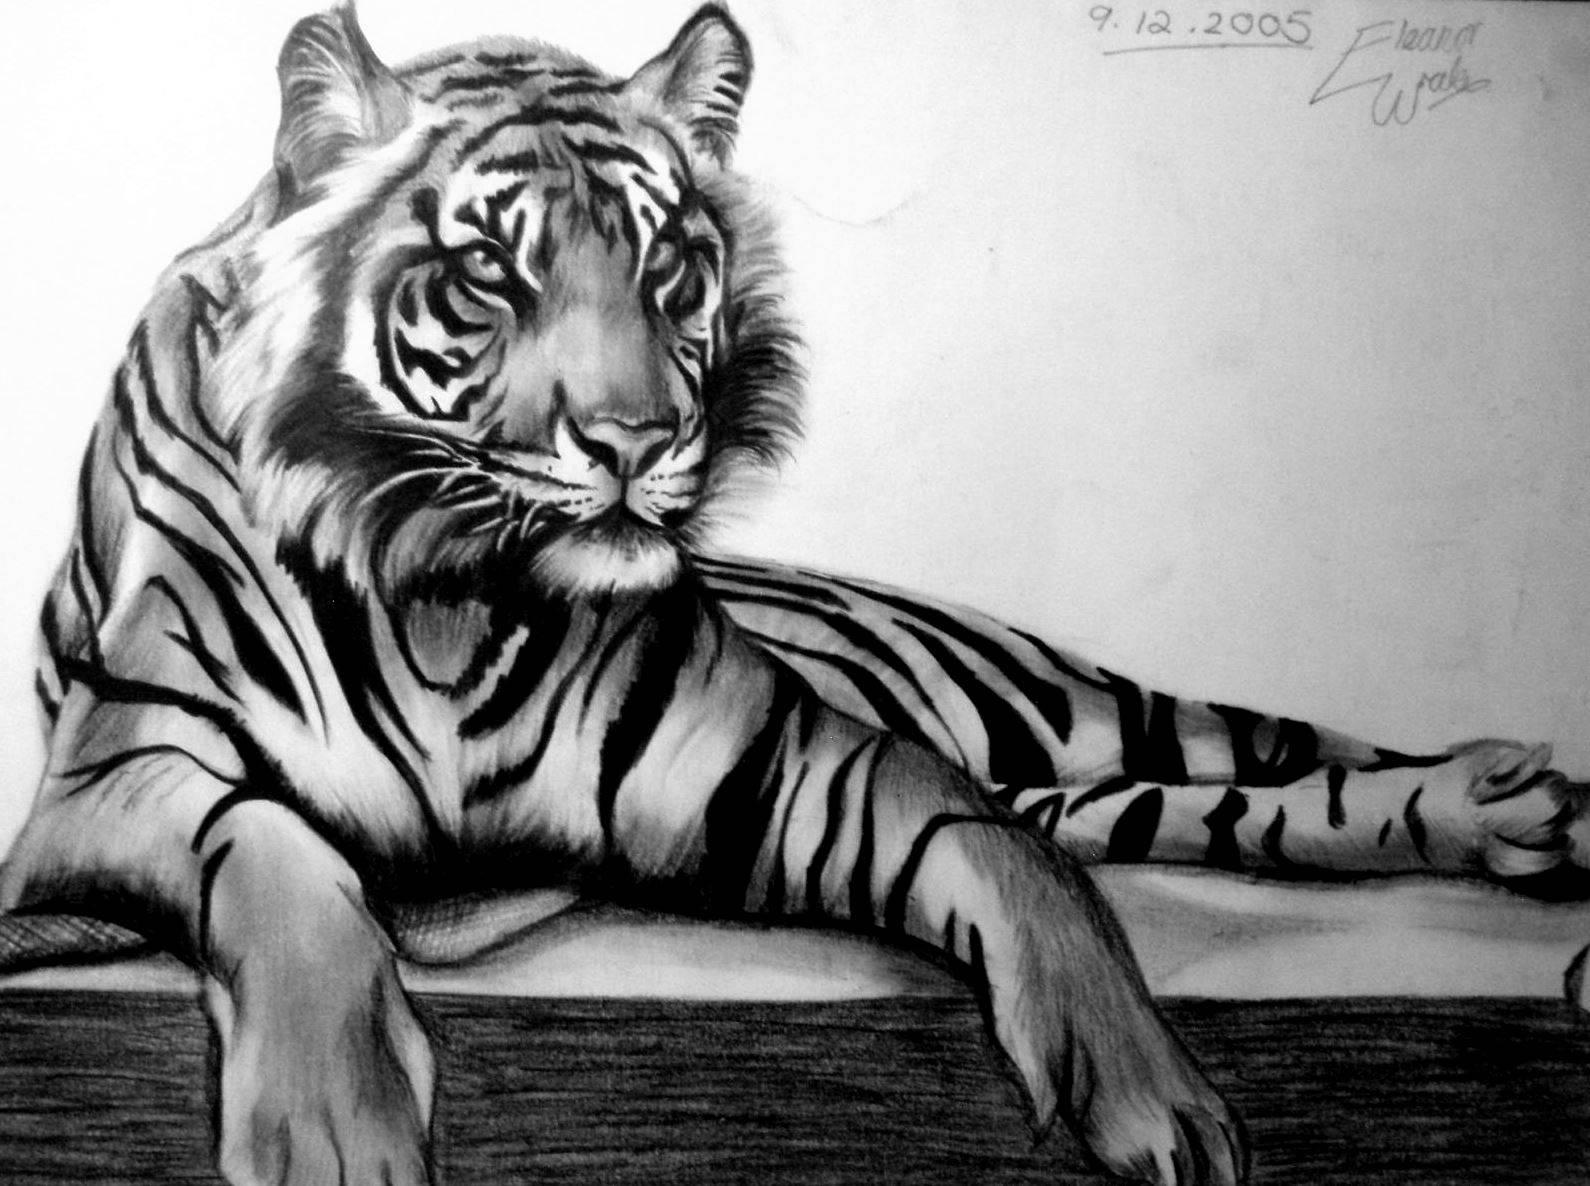 hogyan kell kezelni a pikkelysmr tigris szemvel)